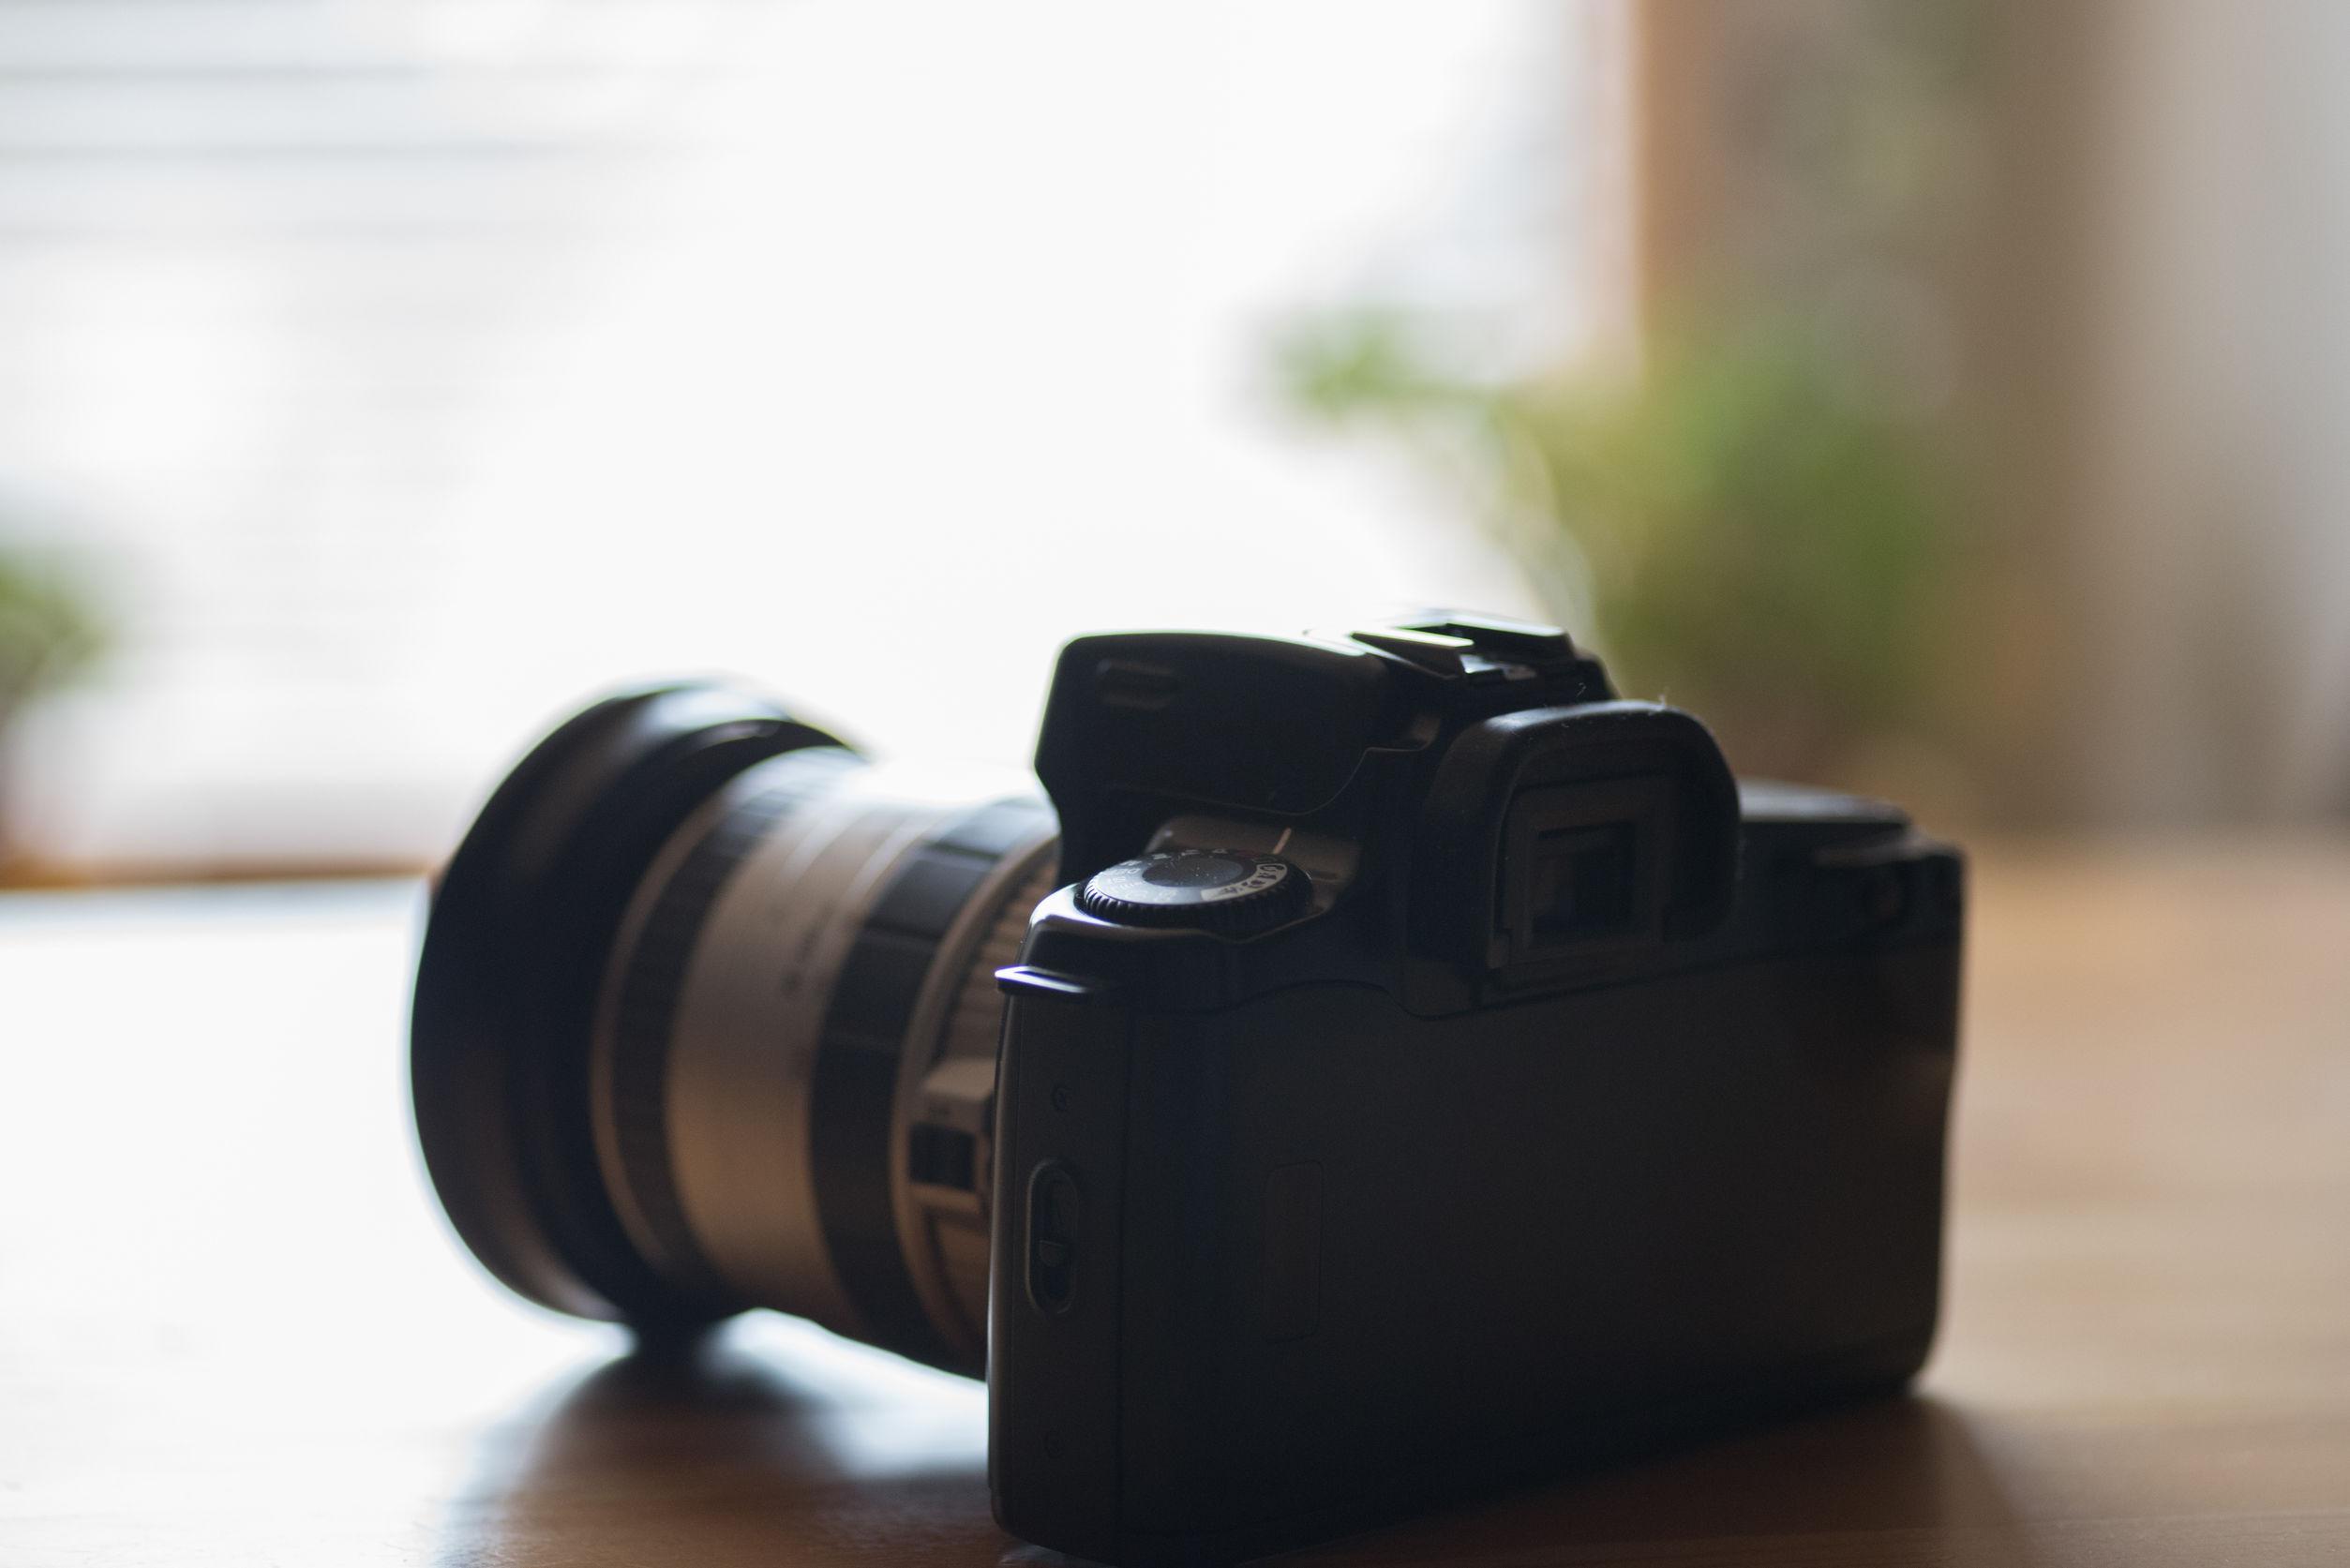 Miglior fotocamera reflex 2021: Guida all'acquisto